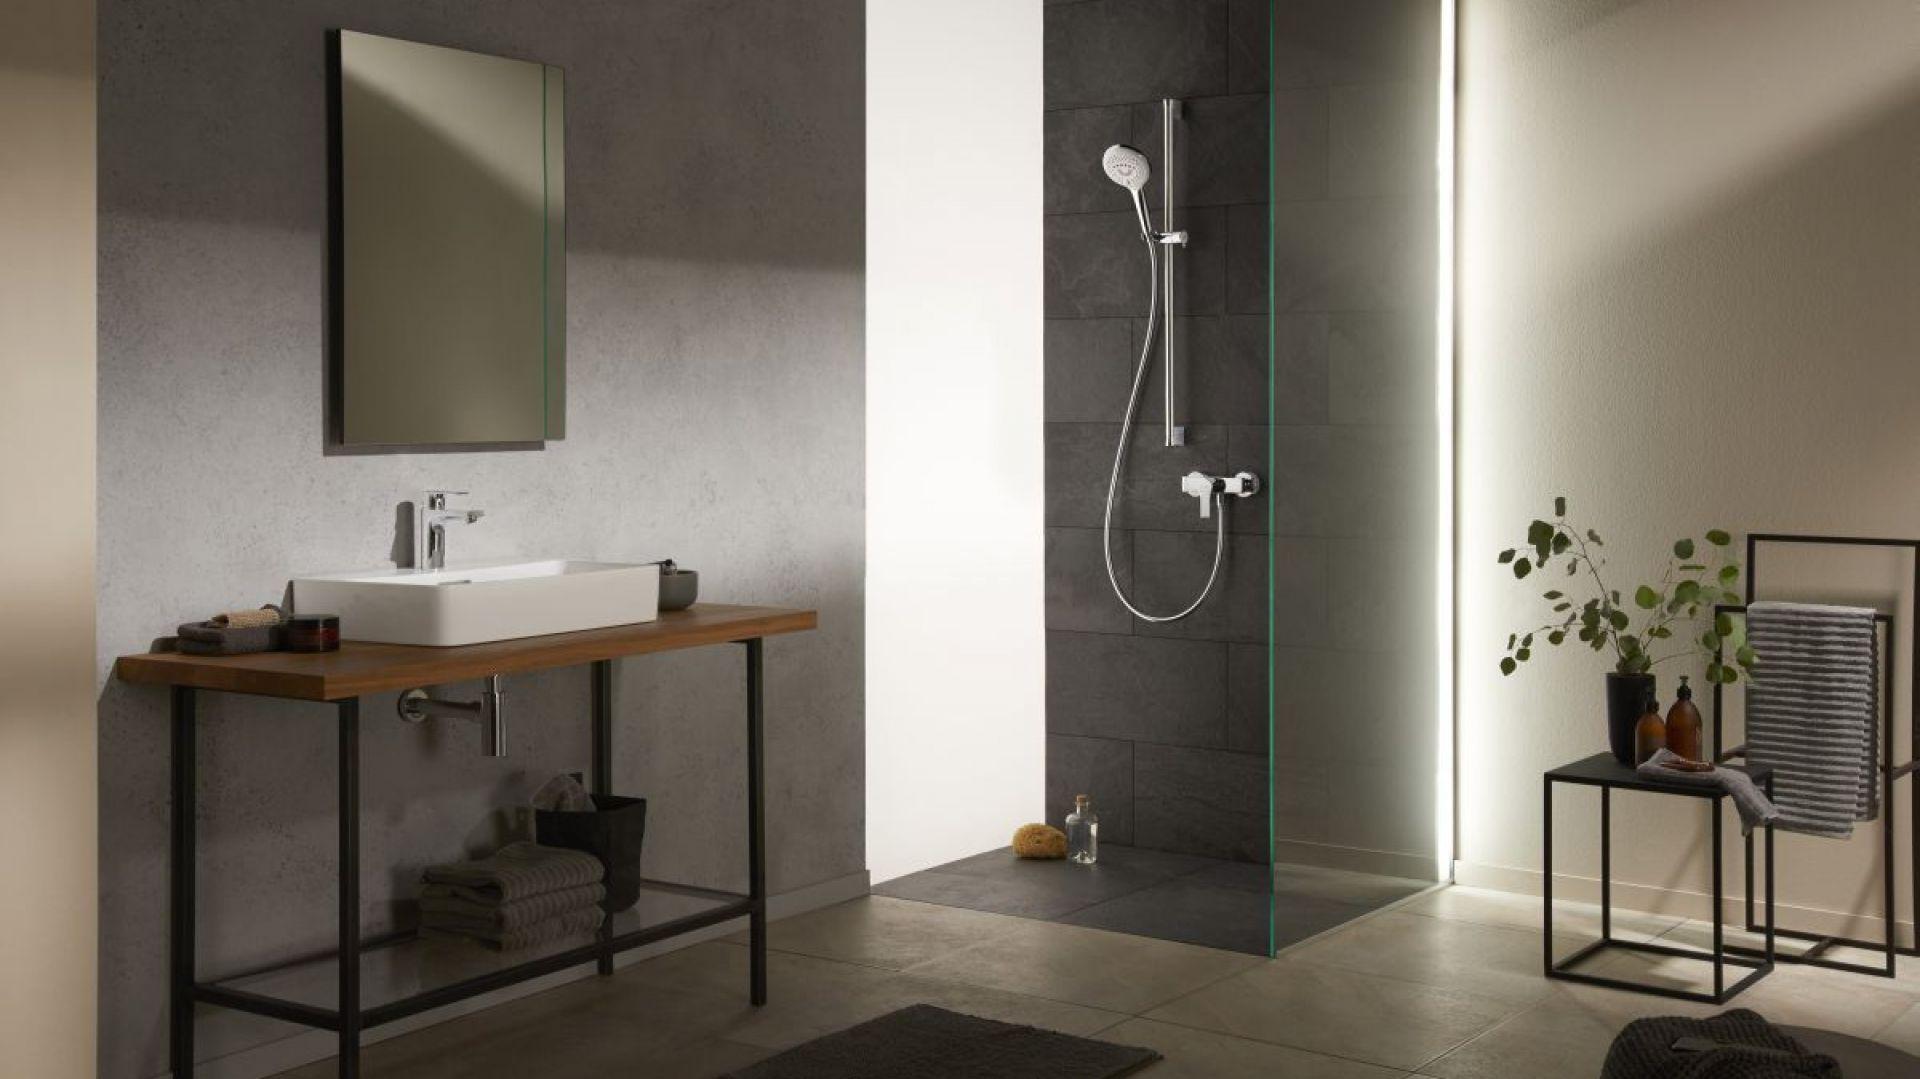 Armatura łazienkowa z serii Kludi Zenta SL. Fot. Kludi